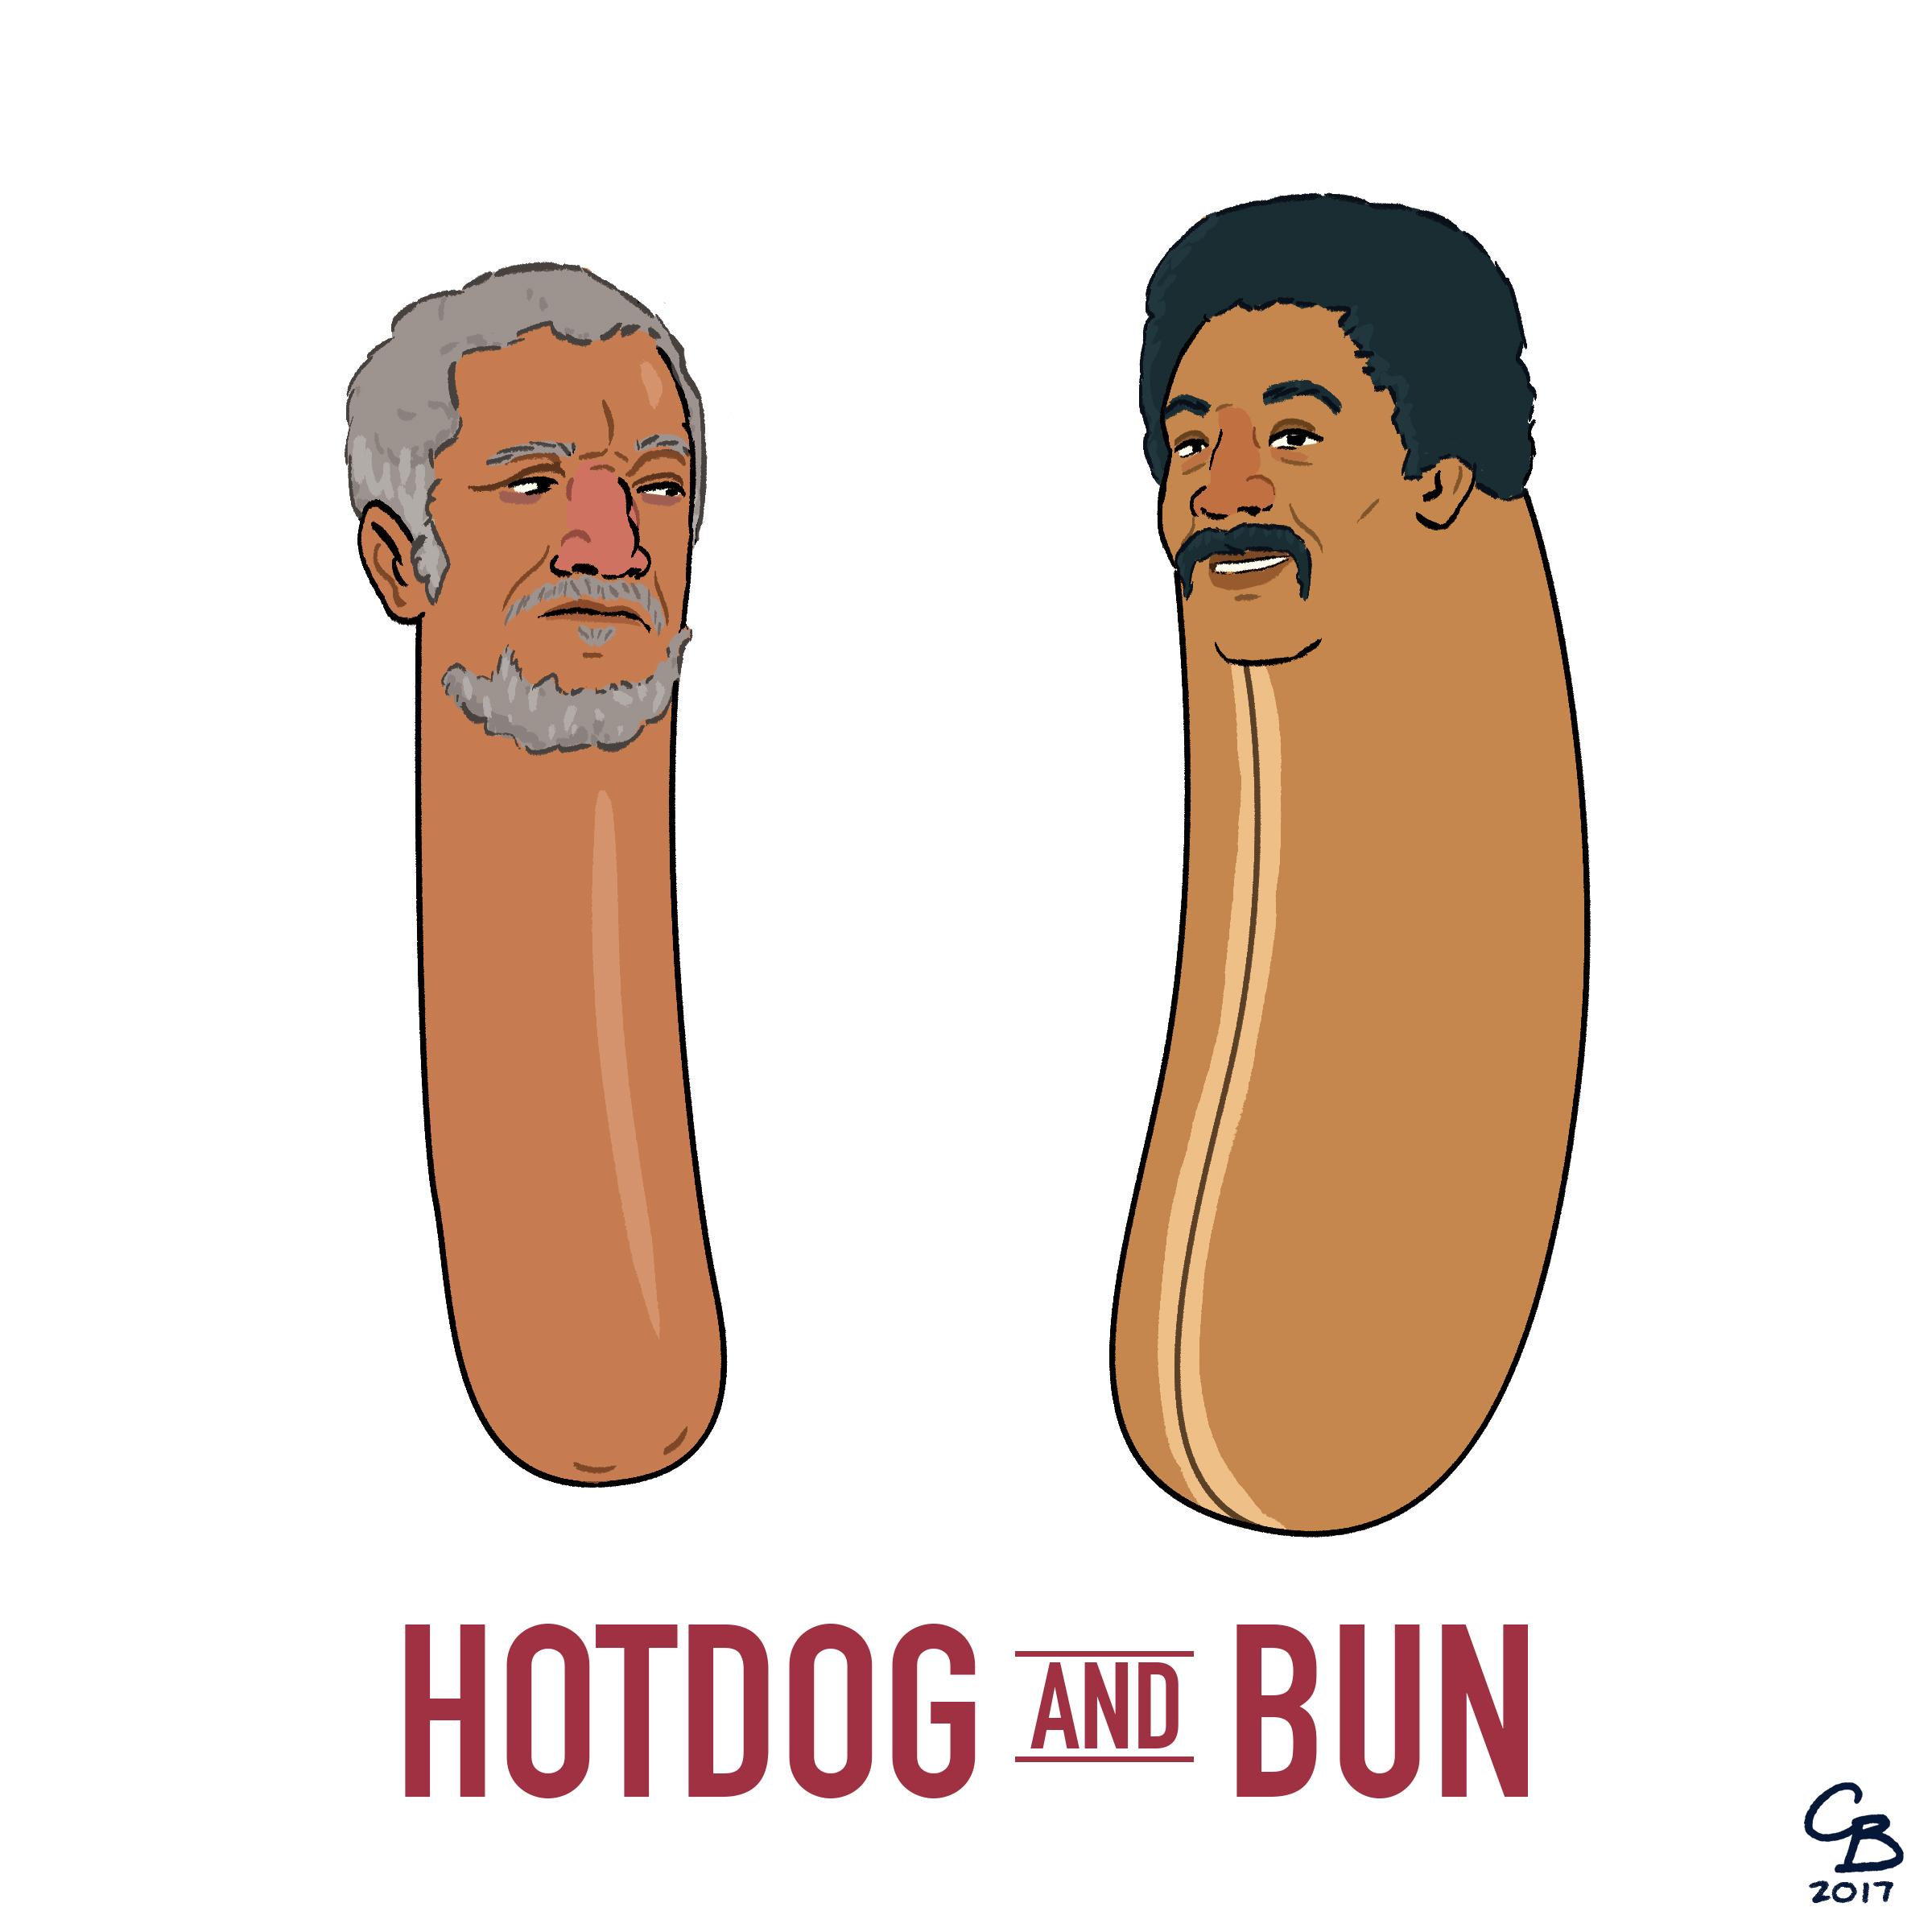 Hotdog and Bun.